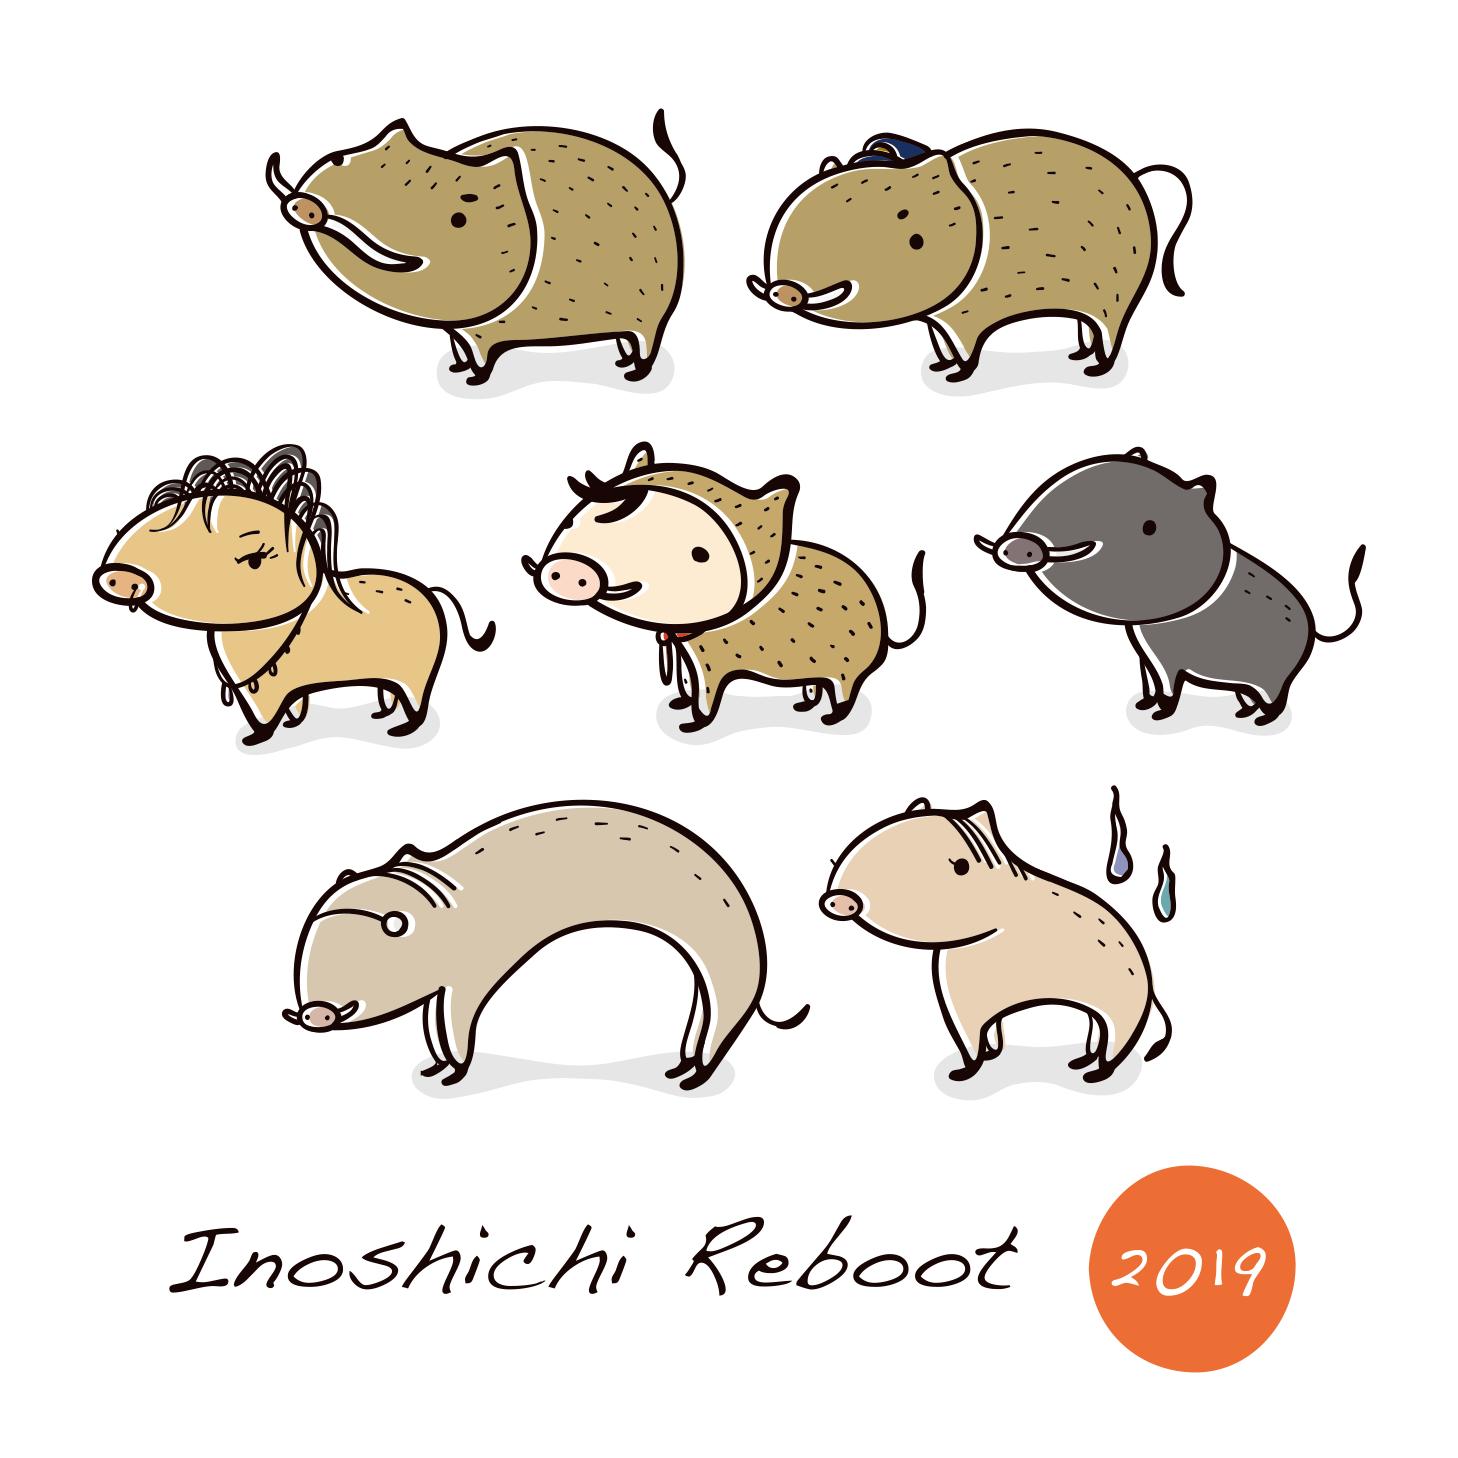 inoshichi reboot 2019